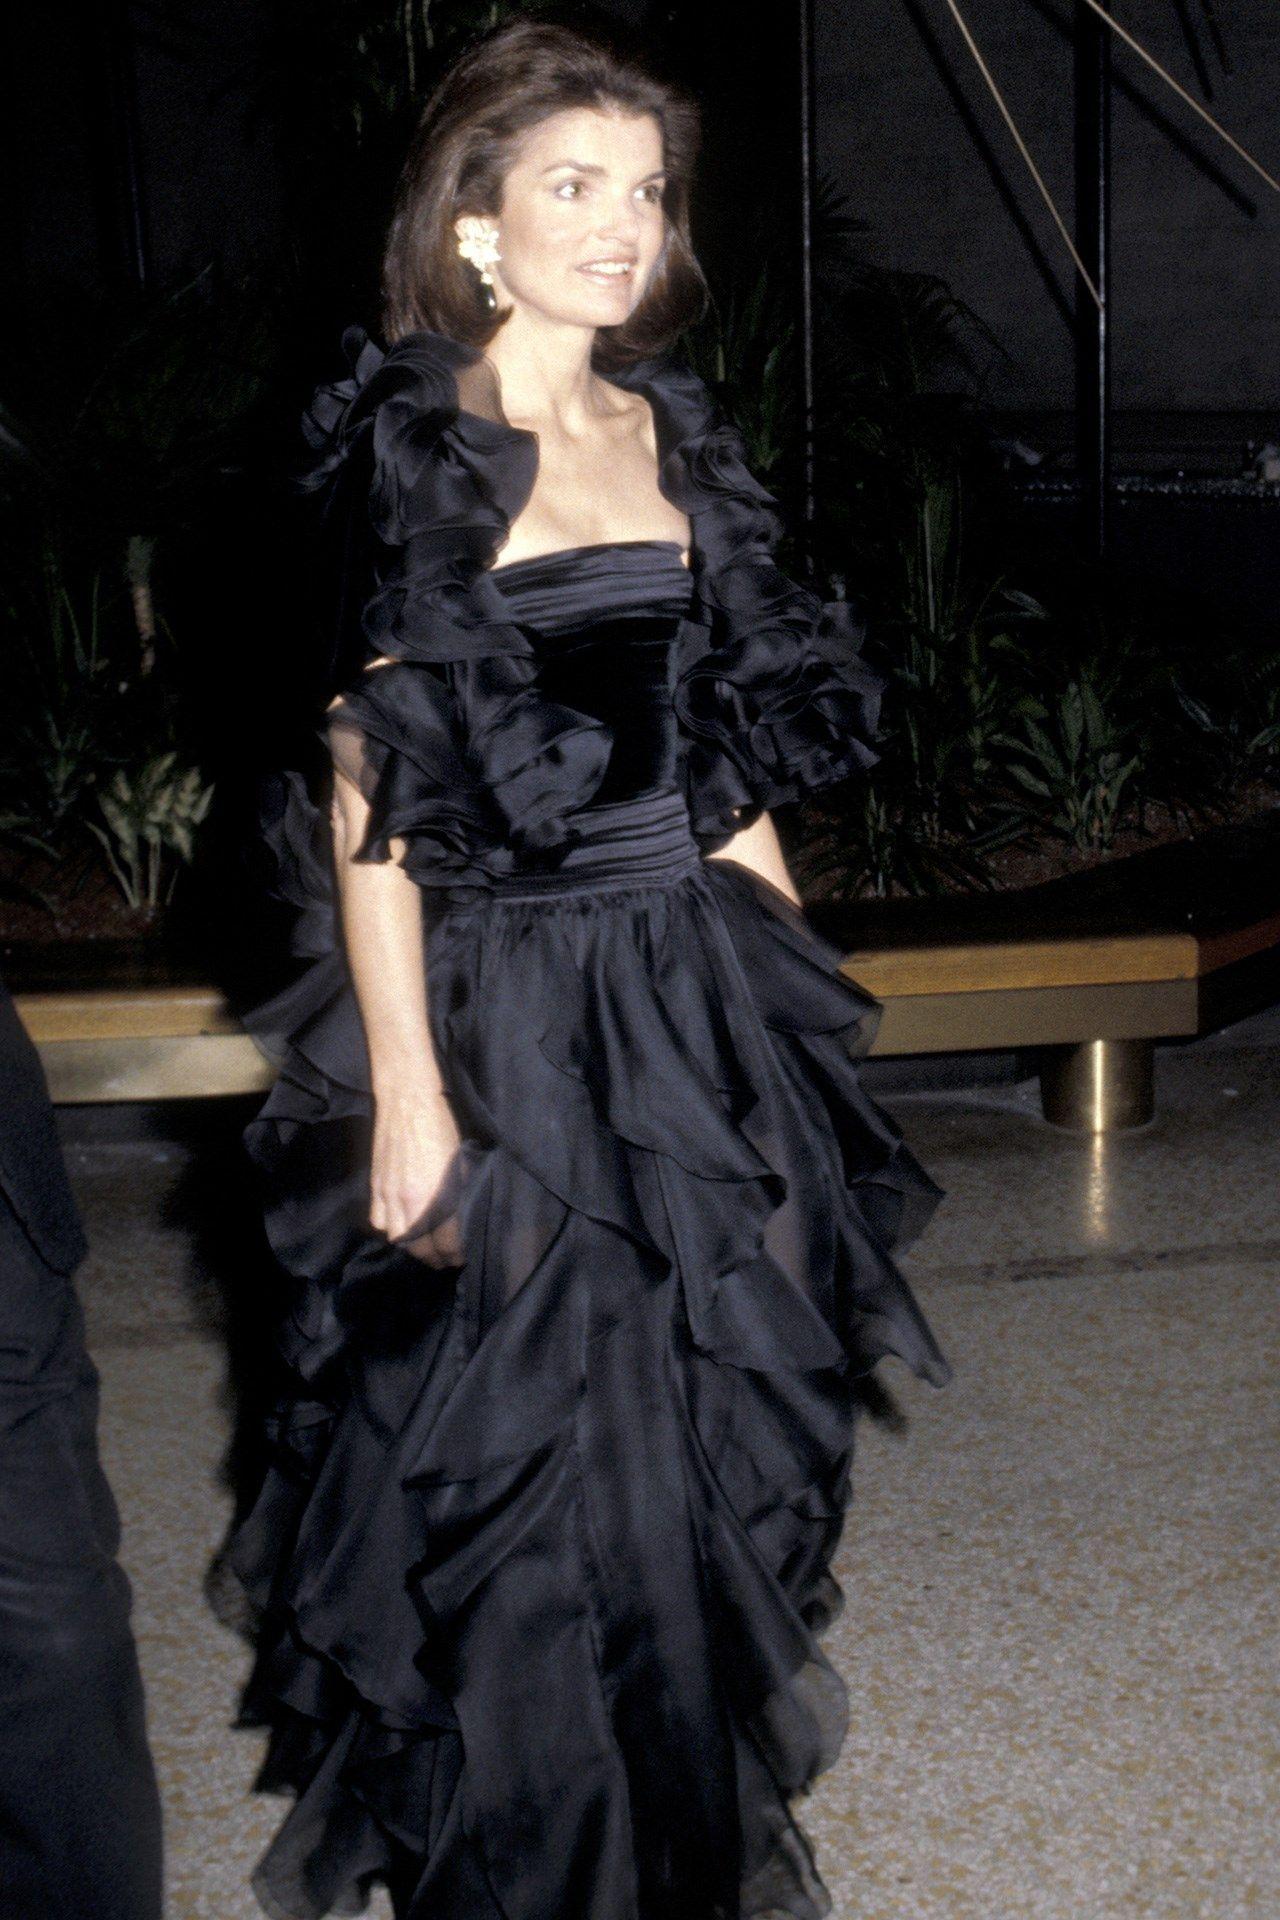 Metropolitan Museum of Art, Jackie Onassis, Vogue, Met Gala 2018, The Met Gala 2018, The Met Gala, Met Gala,